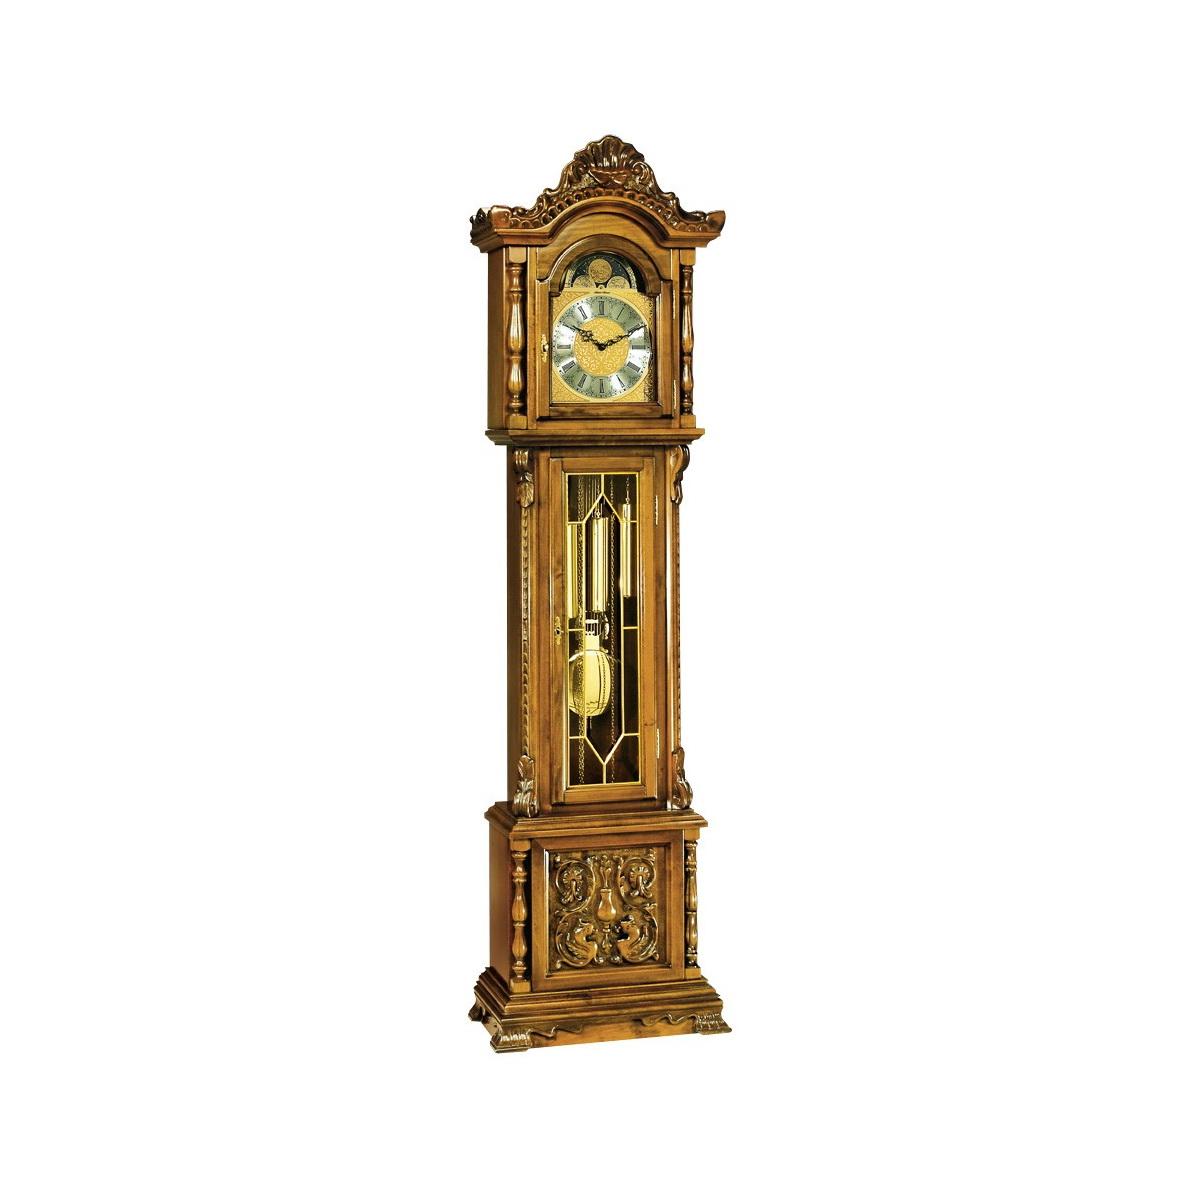 После того, как мой отец создал корпусы для будущих часов, он пришел в лучшую немецкую компанию «kieninger», работающую с года, чтобы купить у них механизмы.